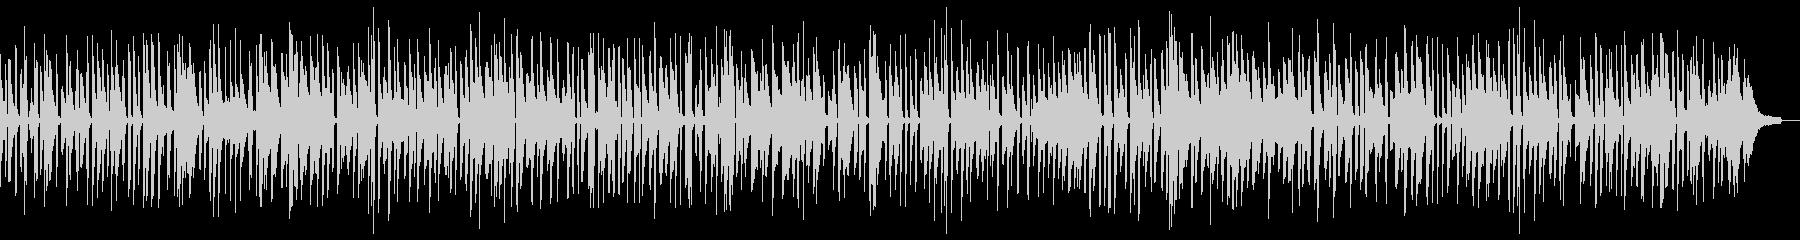 おしゃれに安らぎを与えるピアノ・ソロの未再生の波形